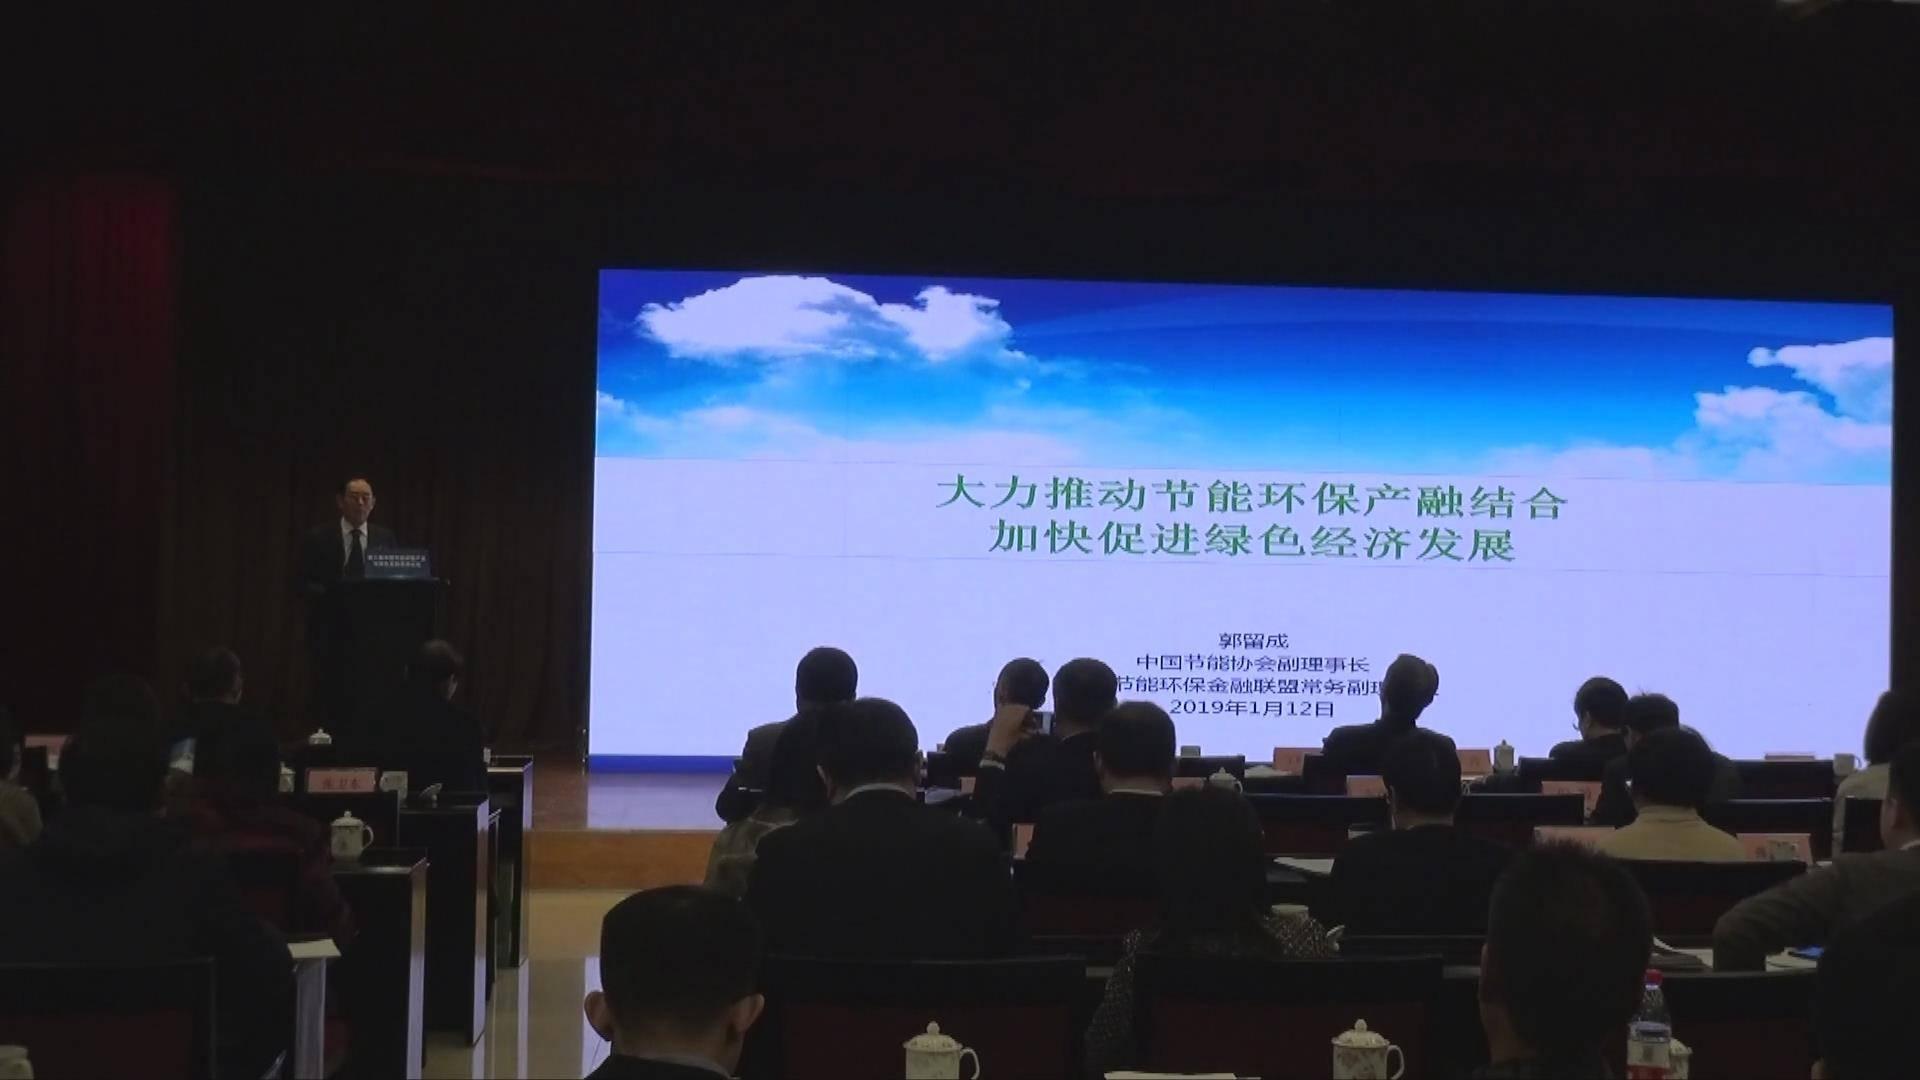 郭留成:大力推动节能环保产融结合加快促进绿色经济发展